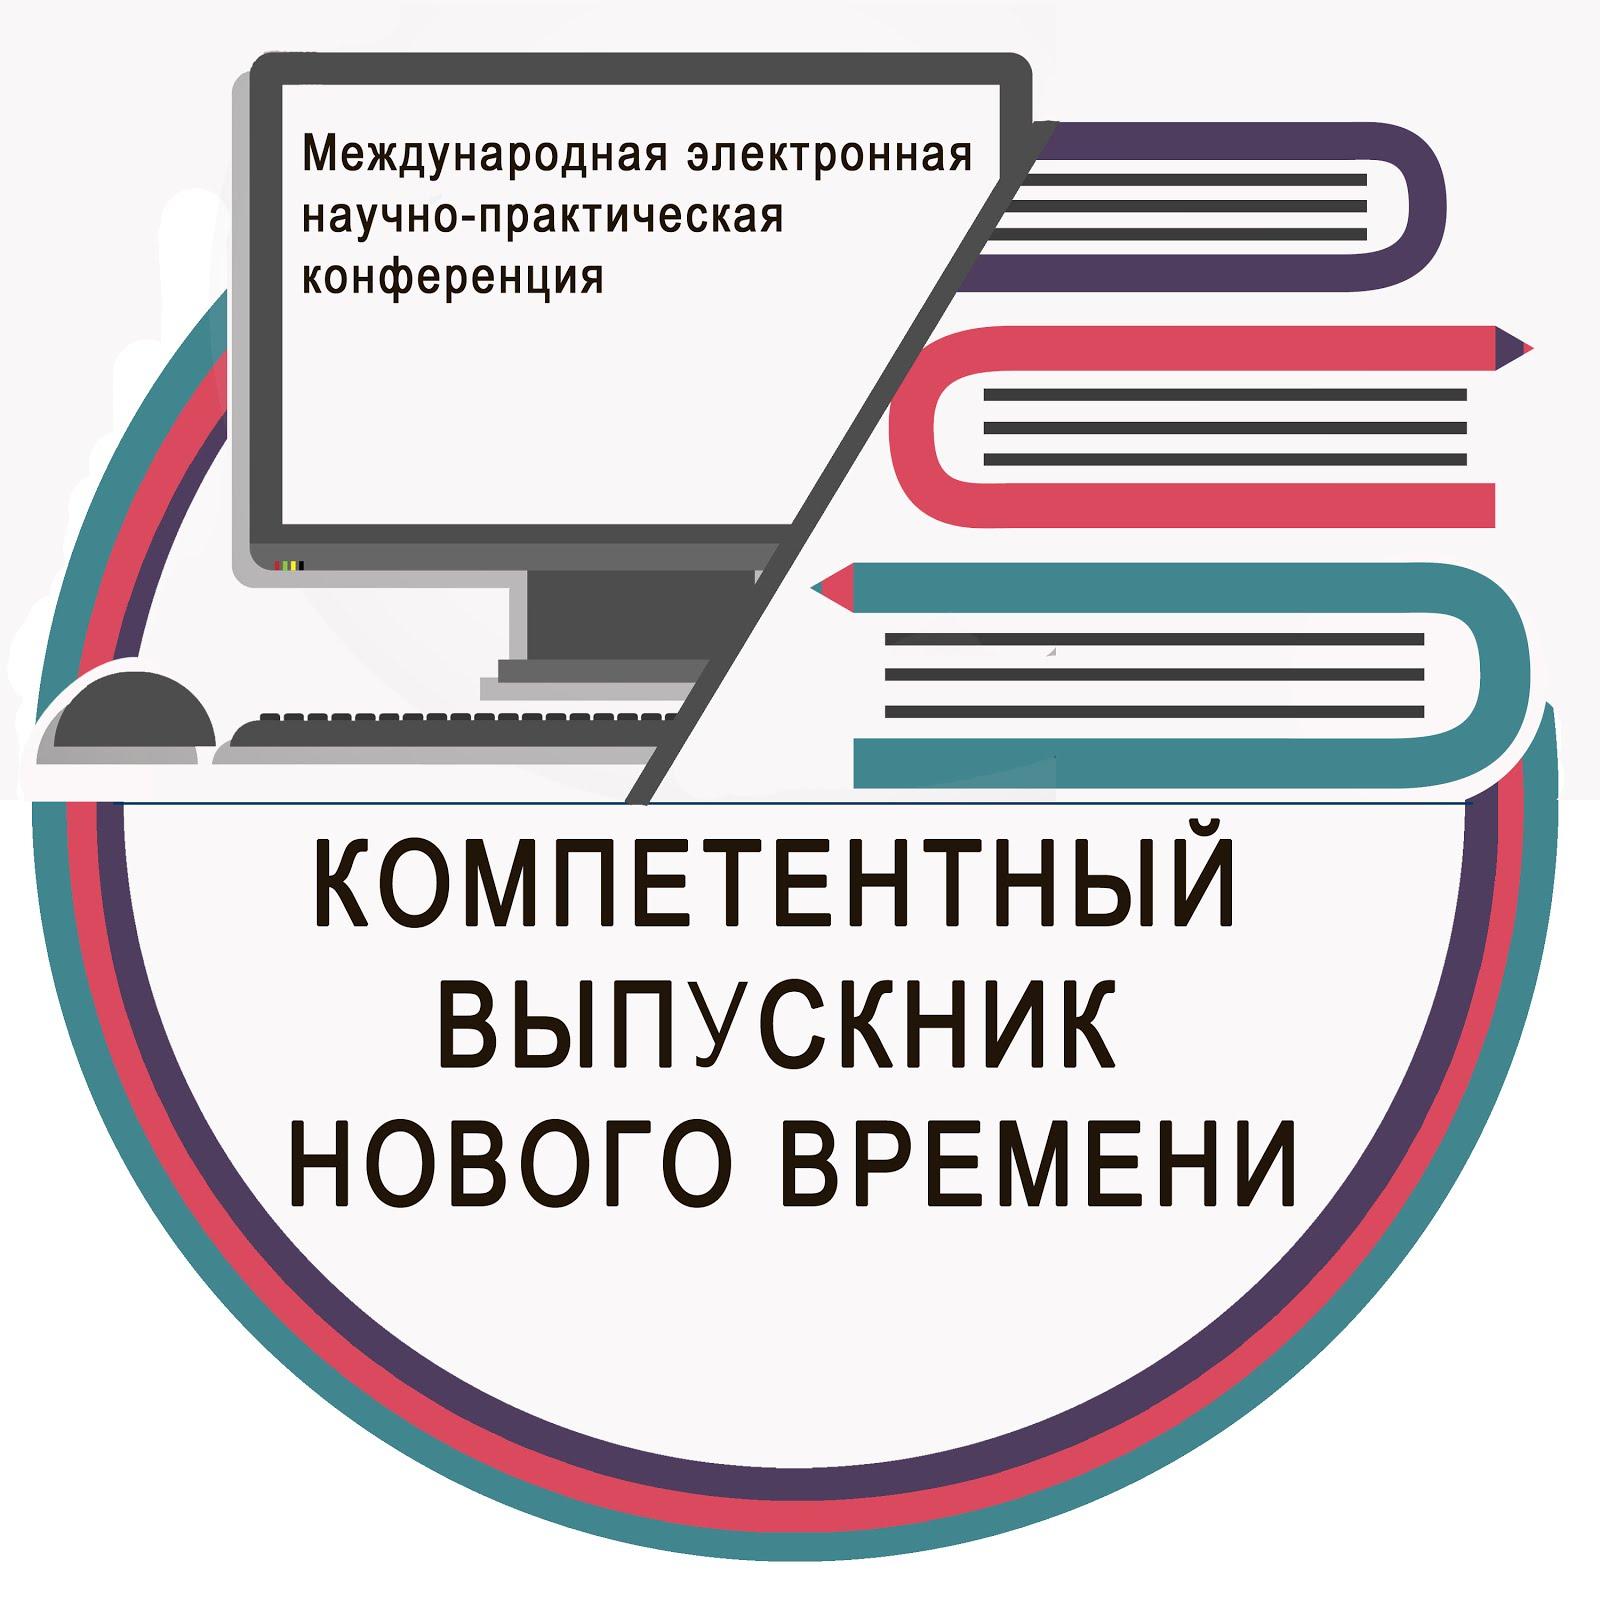 Международная электронная научно-практическая конференция 2015год